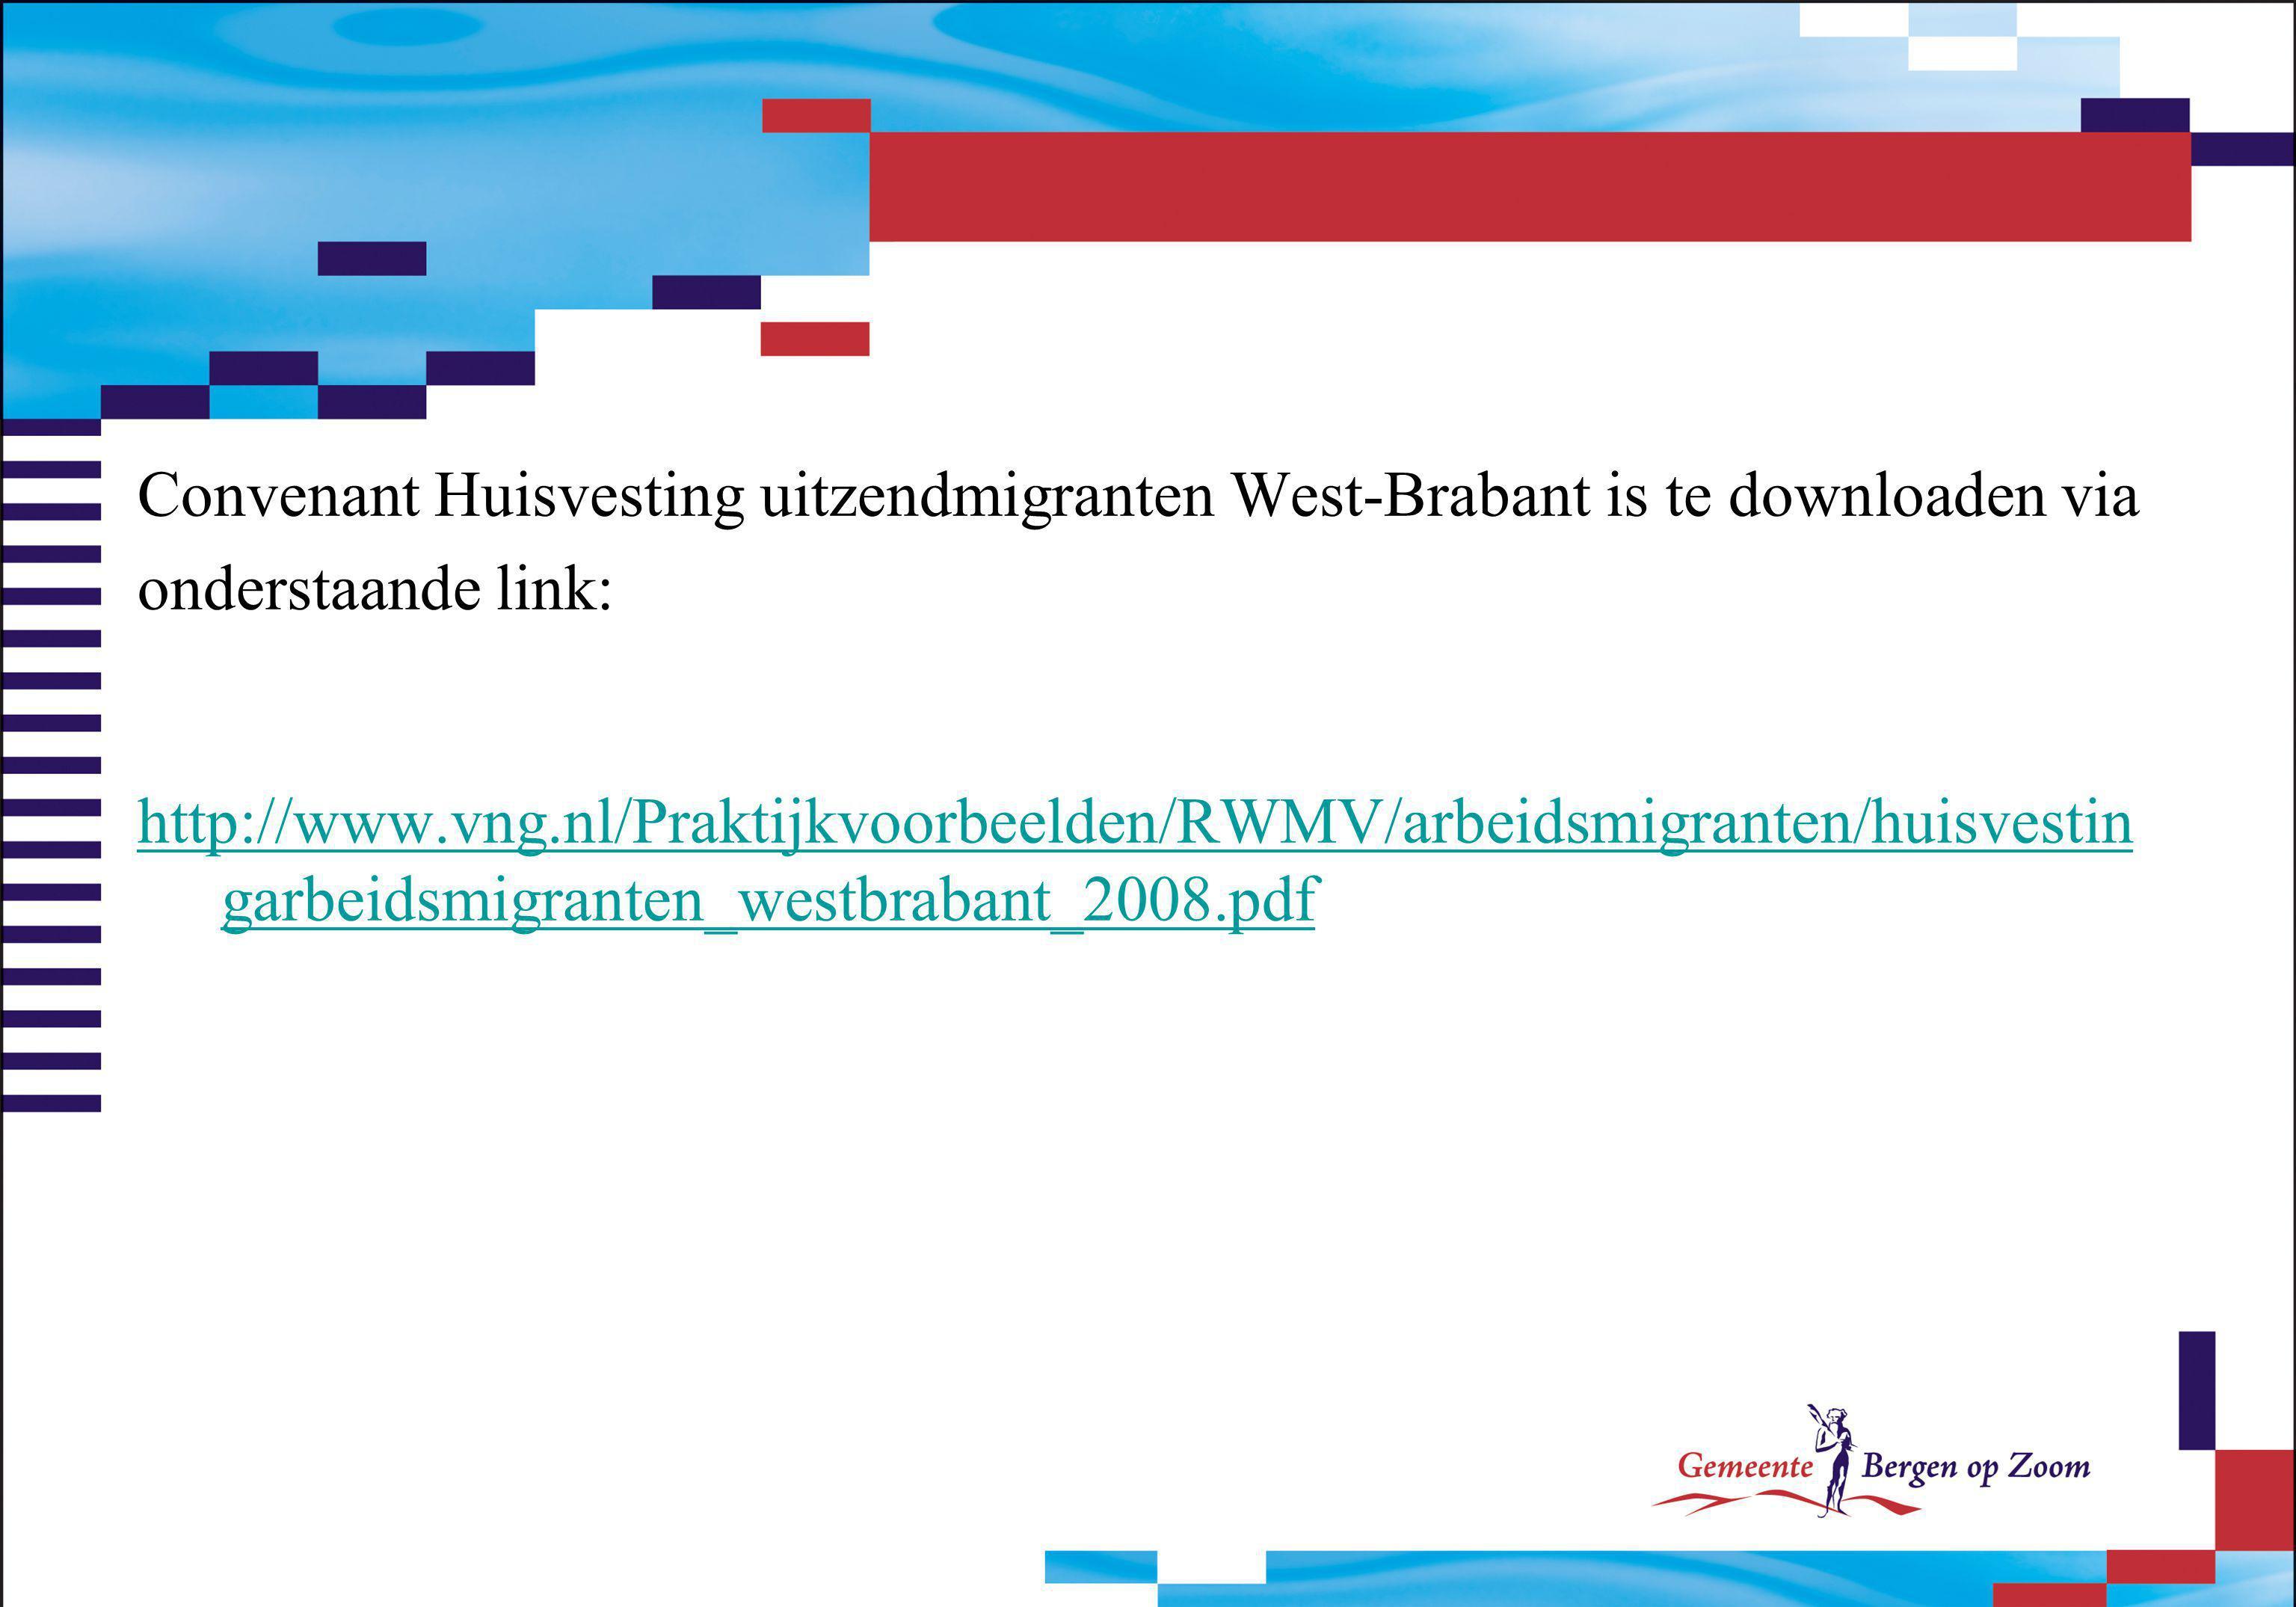 Convenant Huisvesting uitzendmigranten West-Brabant is te downloaden via onderstaande link: http://www.vng.nl/Praktijkvoorbeelden/RWMV/arbeidsmigrante